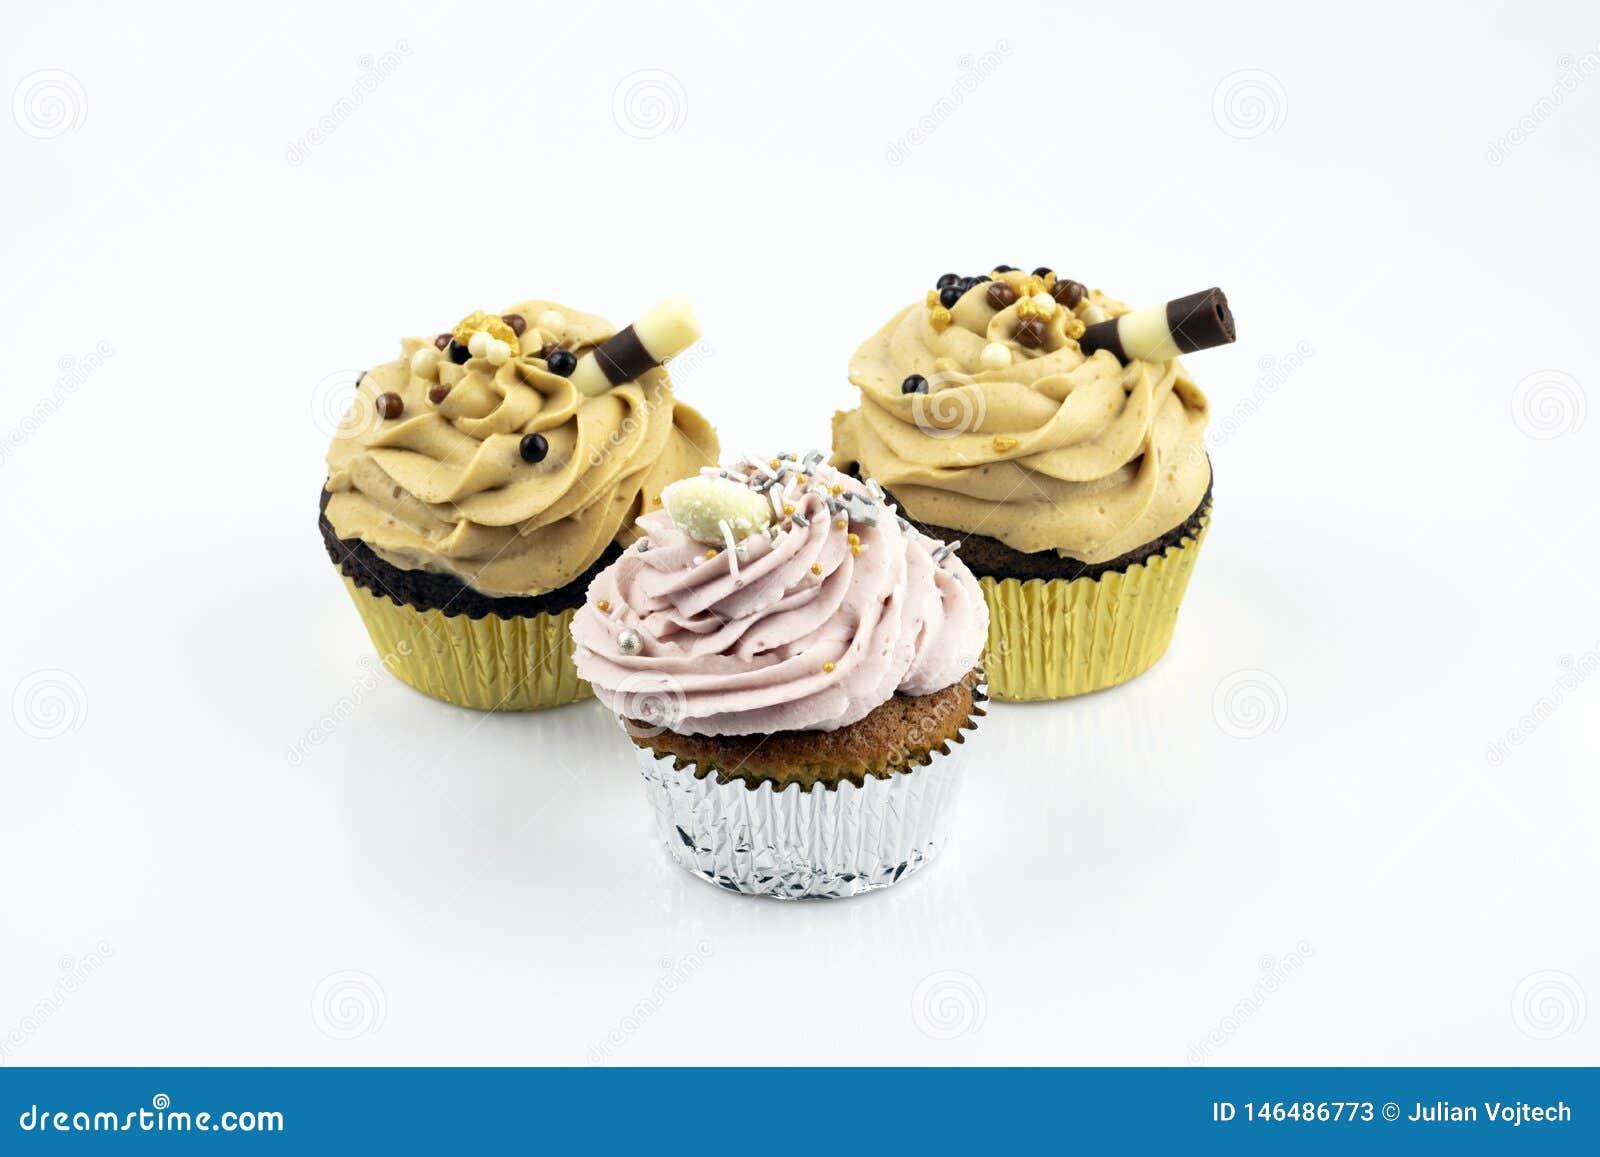 Drie grote en heerlijke die muffins met karamel en aardbeischuim worden gevuld Verfraaid met een zoete buis